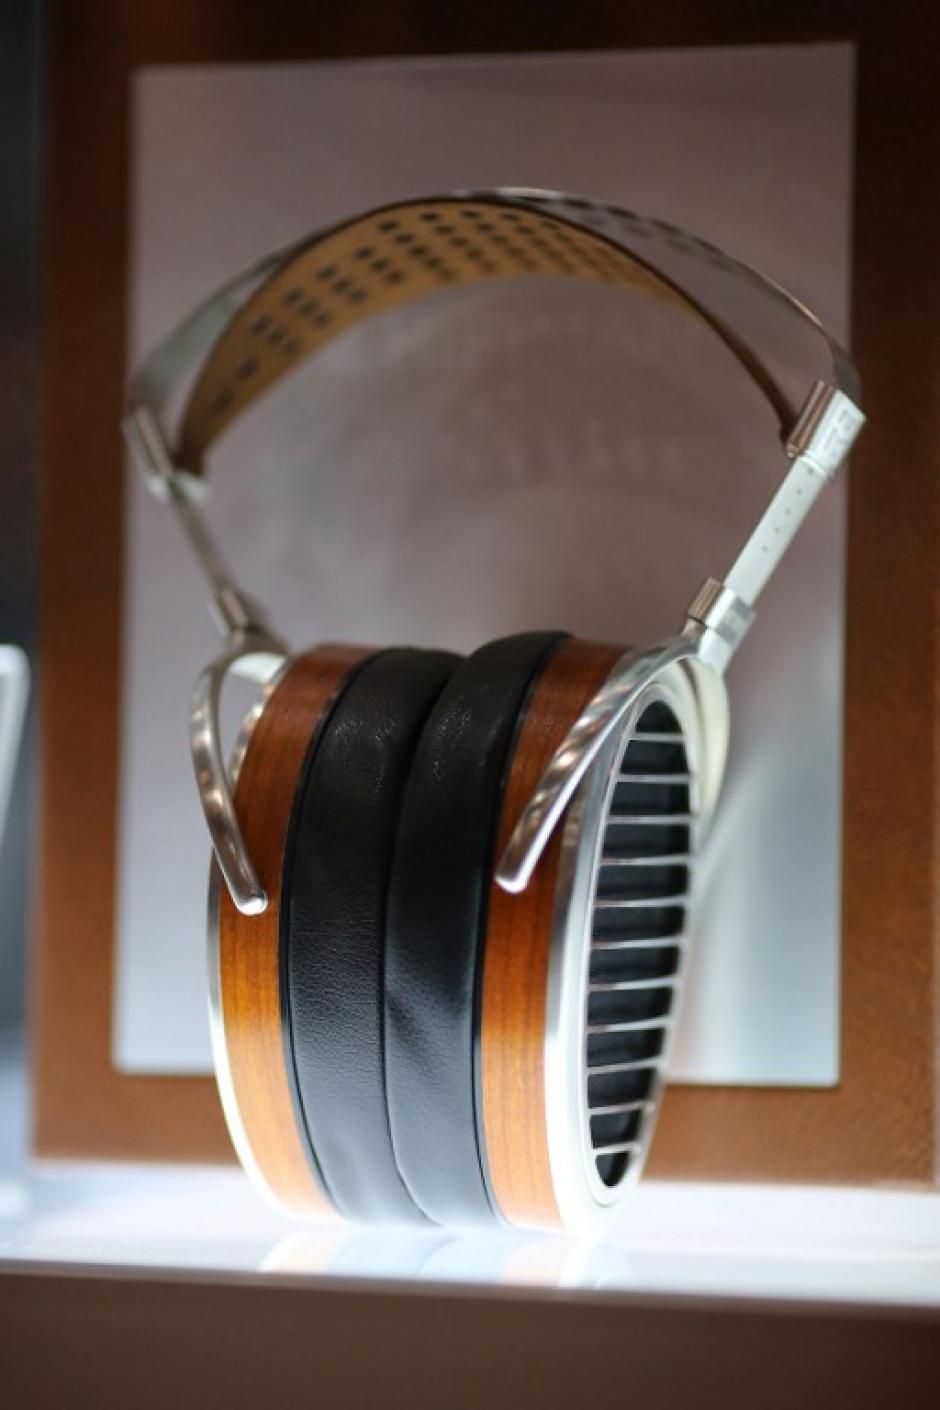 Ganador del Premio a la Innovación 2016 CES para Auriculares, Los auriculares magnéticos HiFiMan HE1000, se muestra en un escaparate en el CES. (Foto: AFP/David Mcwen)